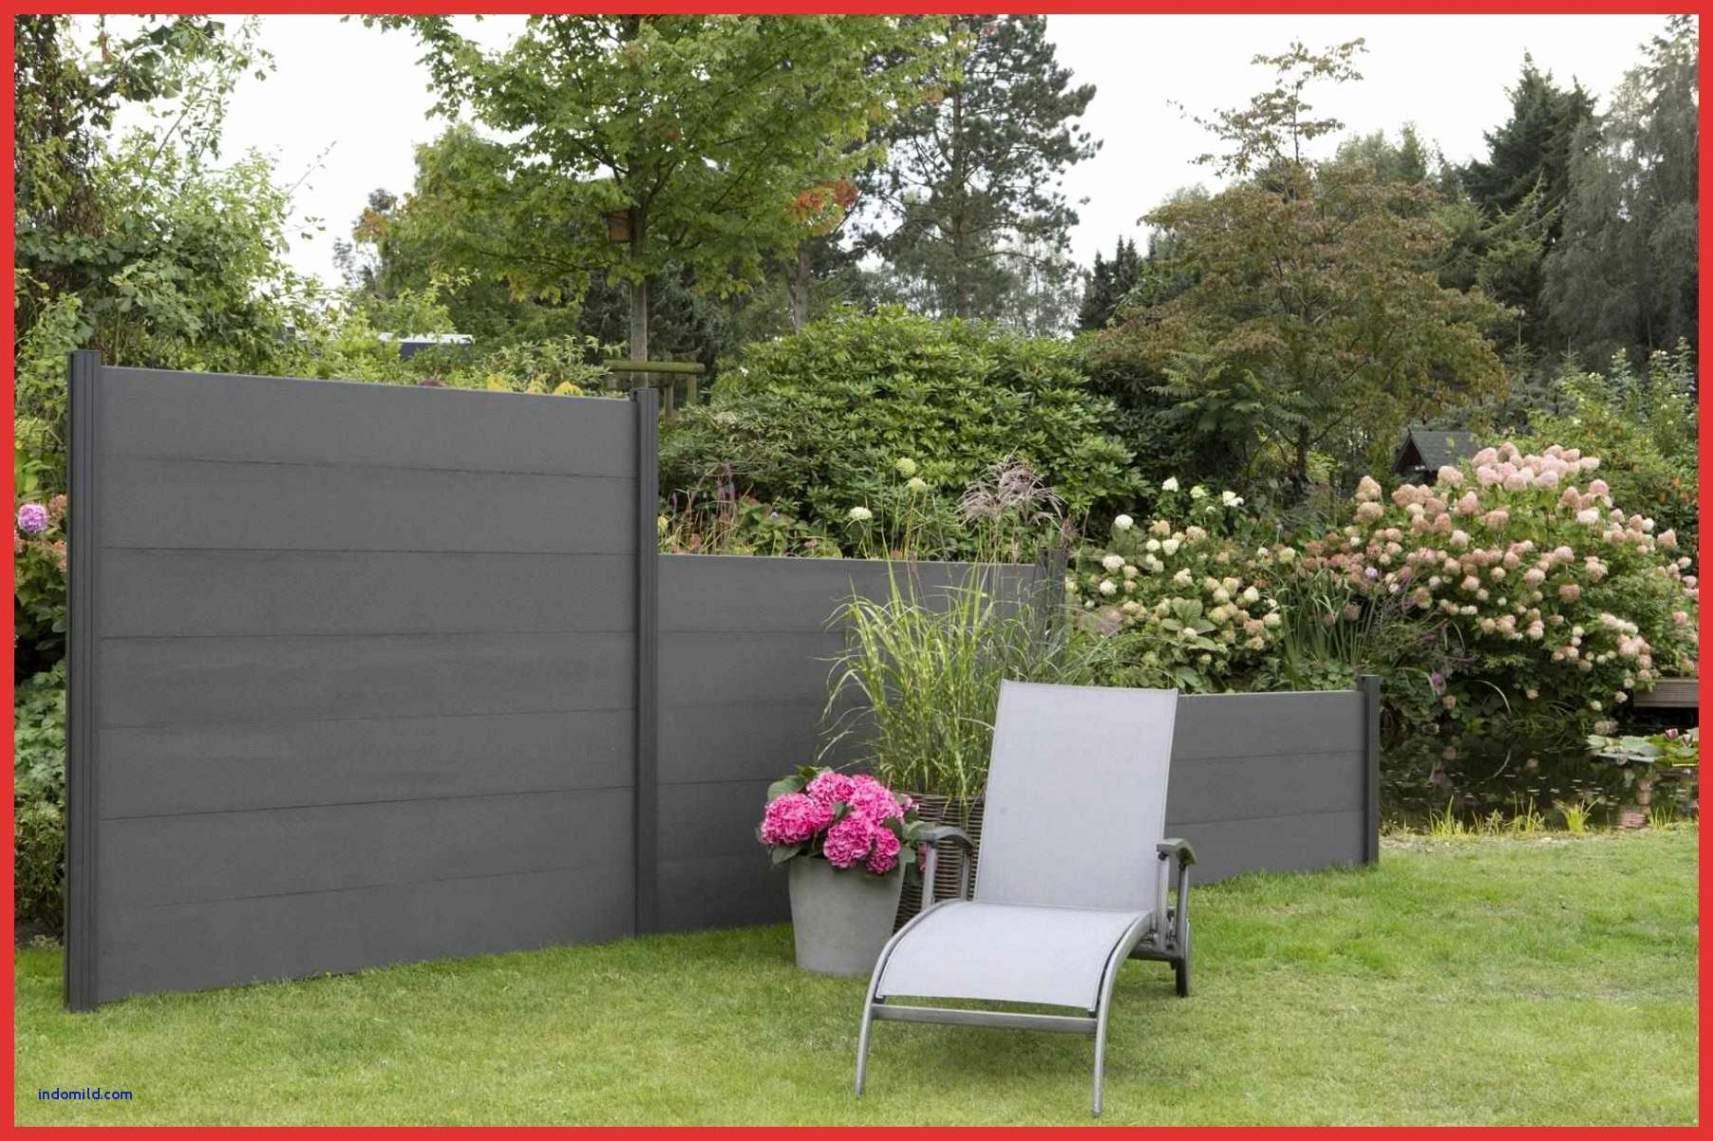 garten modern gestalten reizend kleiner reihenhausgarten gestalten temobardz home blog of garten modern gestalten